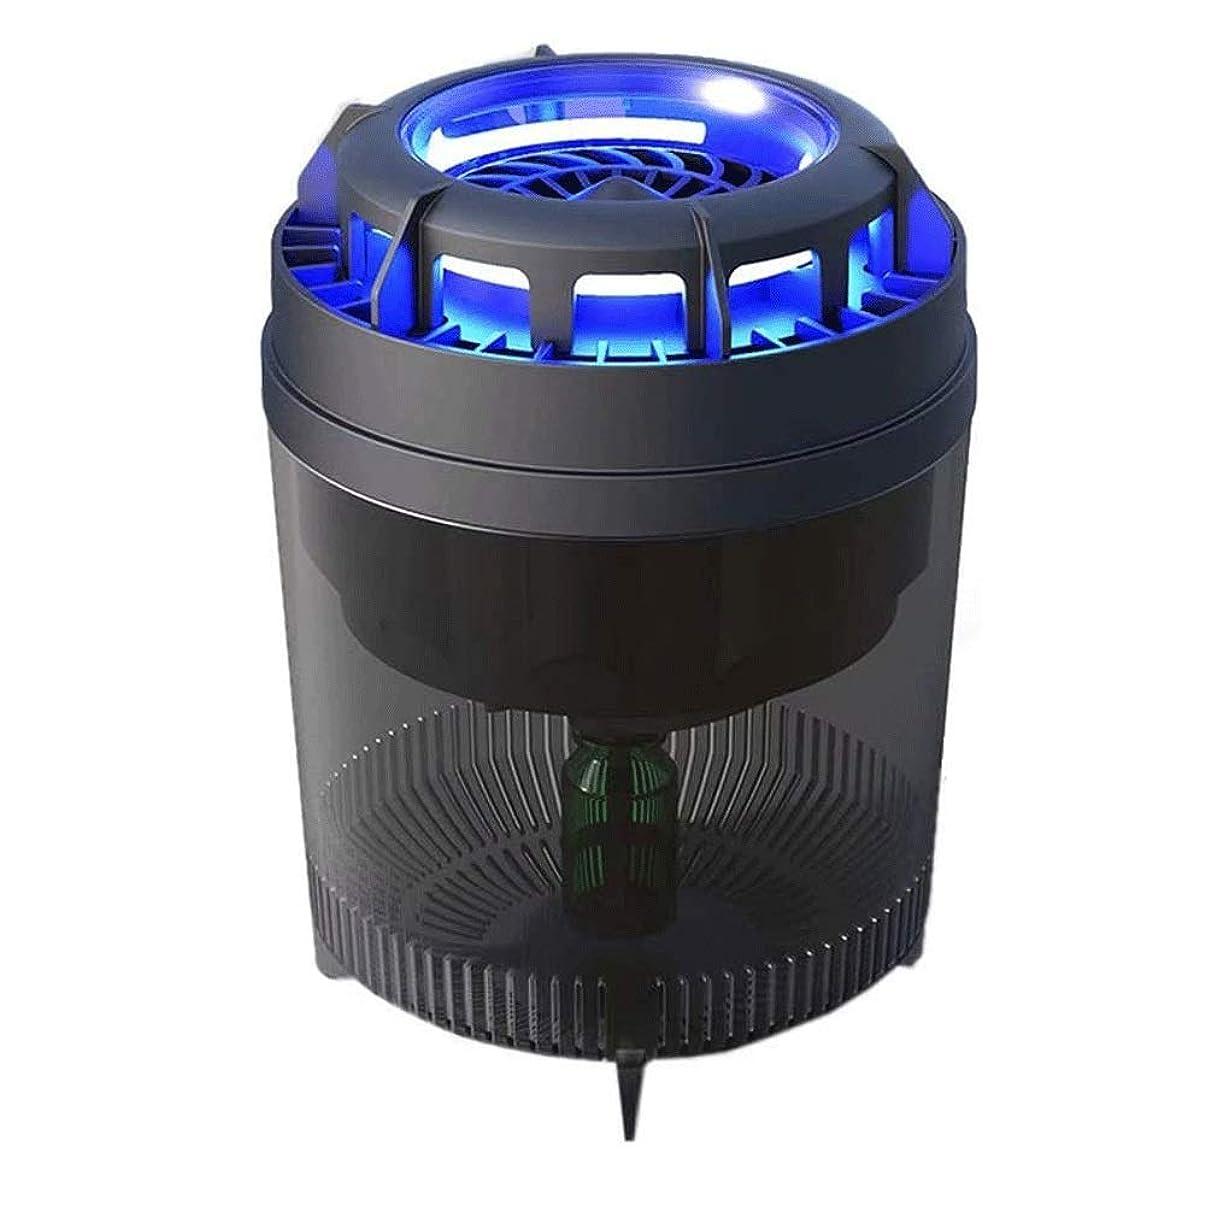 バルーン成果ブリッジモスキートランプバグ電気フライキラーダブルエアダクトは息インテリジェント光センサーをキャッチ蚊を強化します